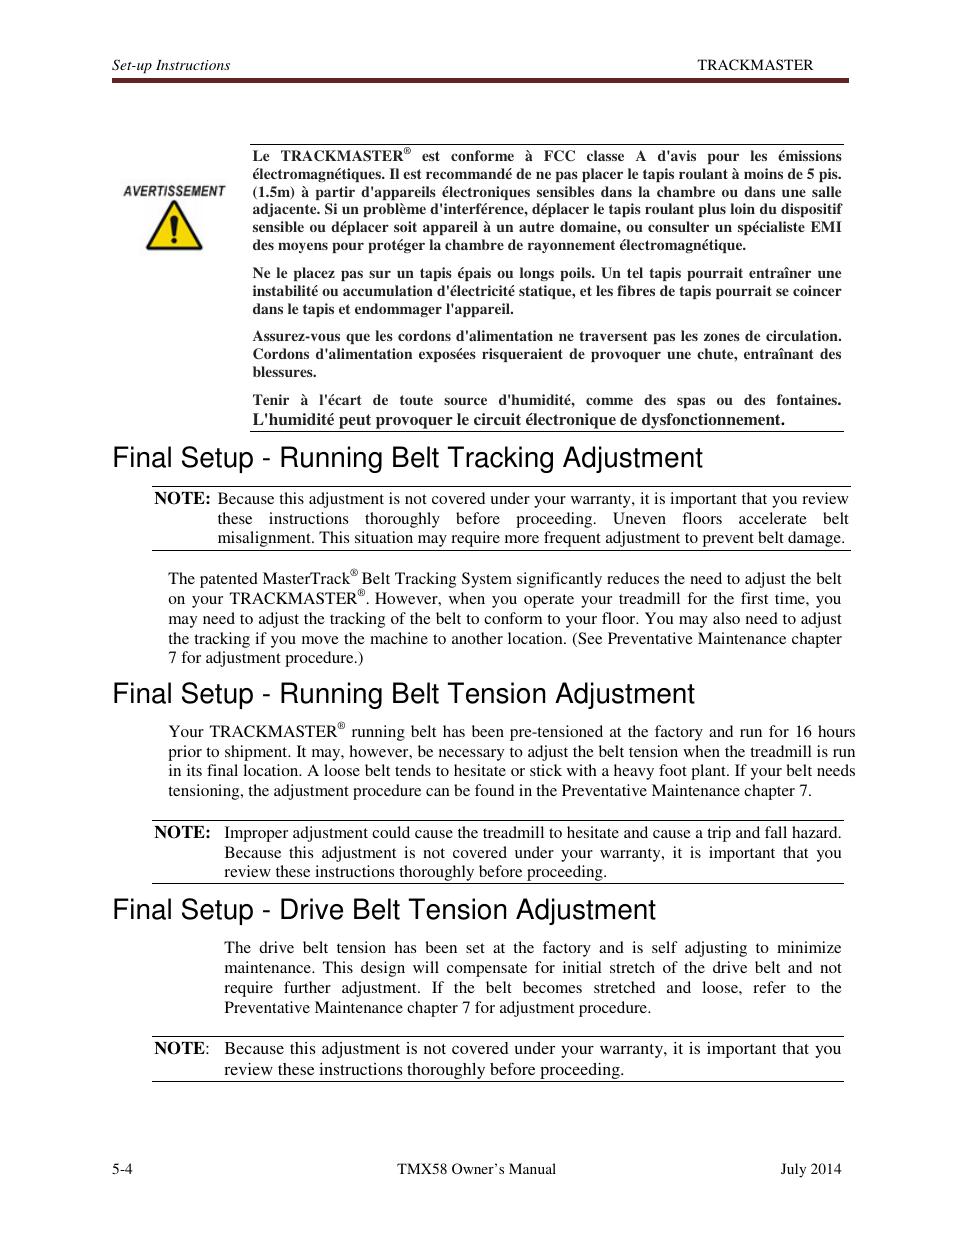 Final setup - running belt tracking adjustment, Final setup